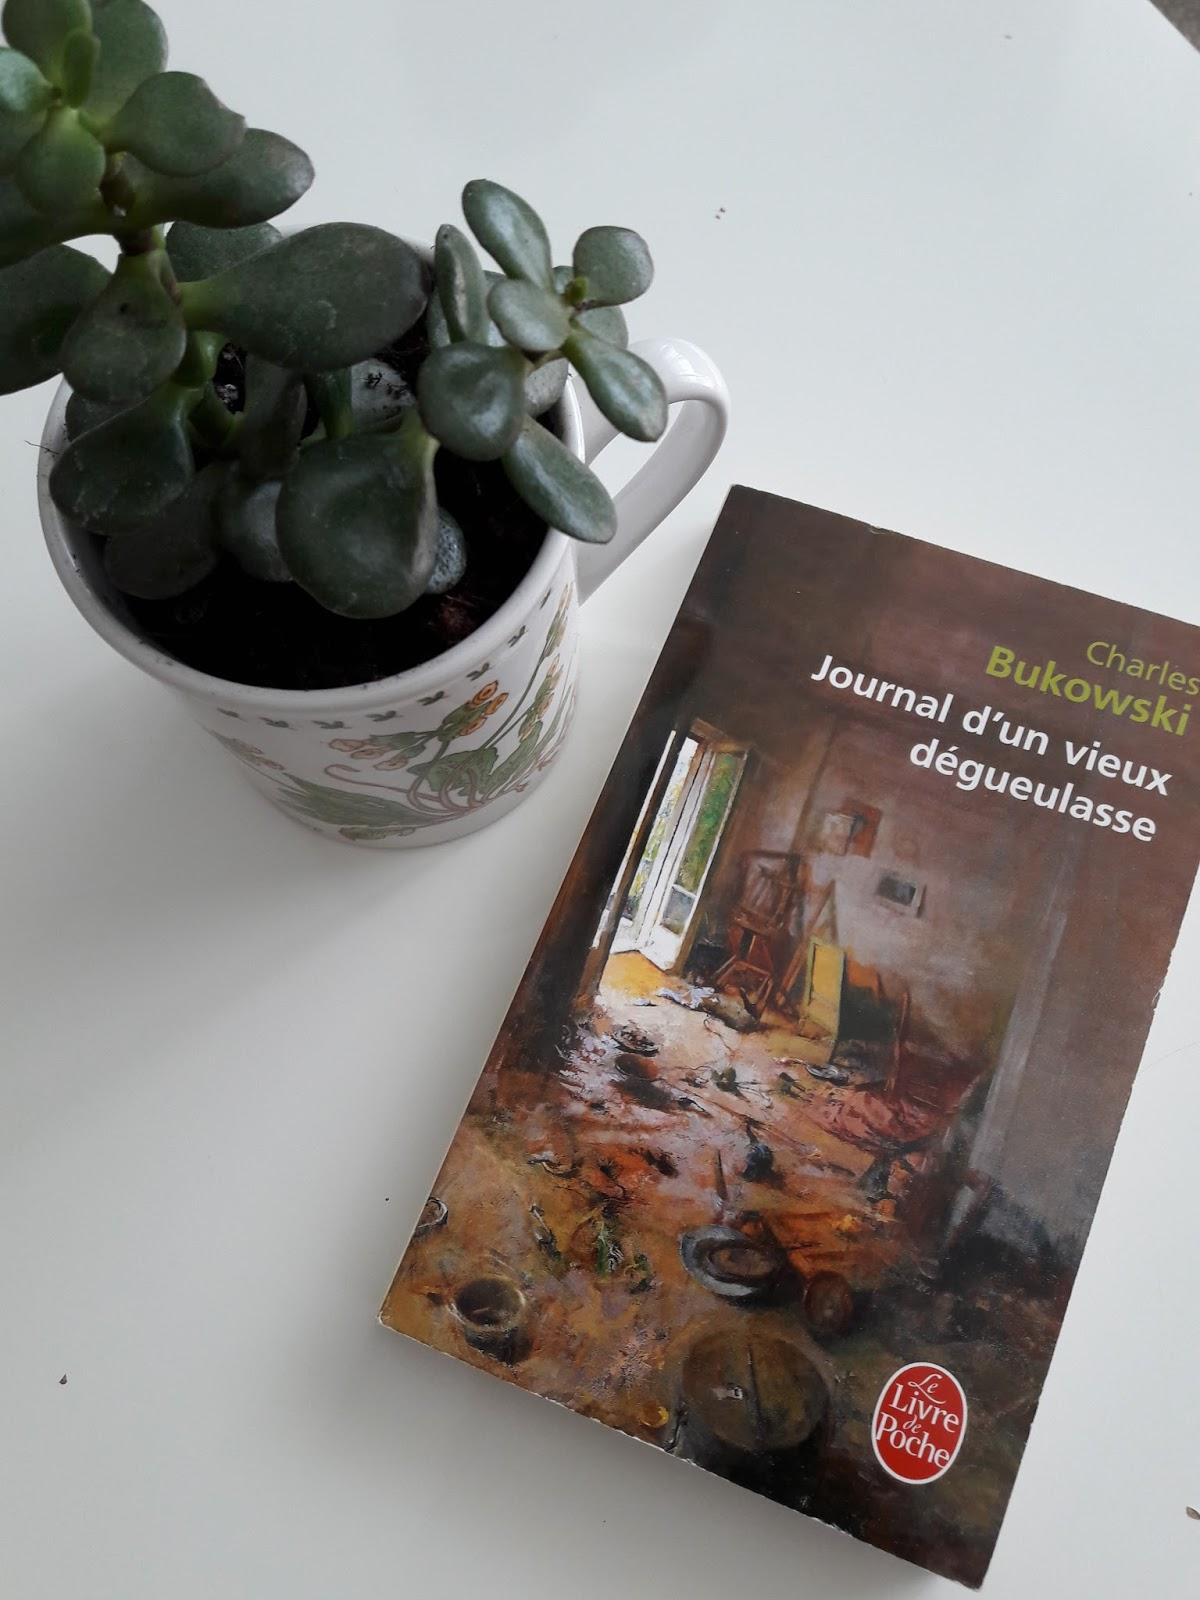 Journal D Un Vieux Dégueulasse : journal, vieux, dégueulasse, Effet, Jovien-plutonien:, Journal, Vieux, Dégueulasse, Bukowski)